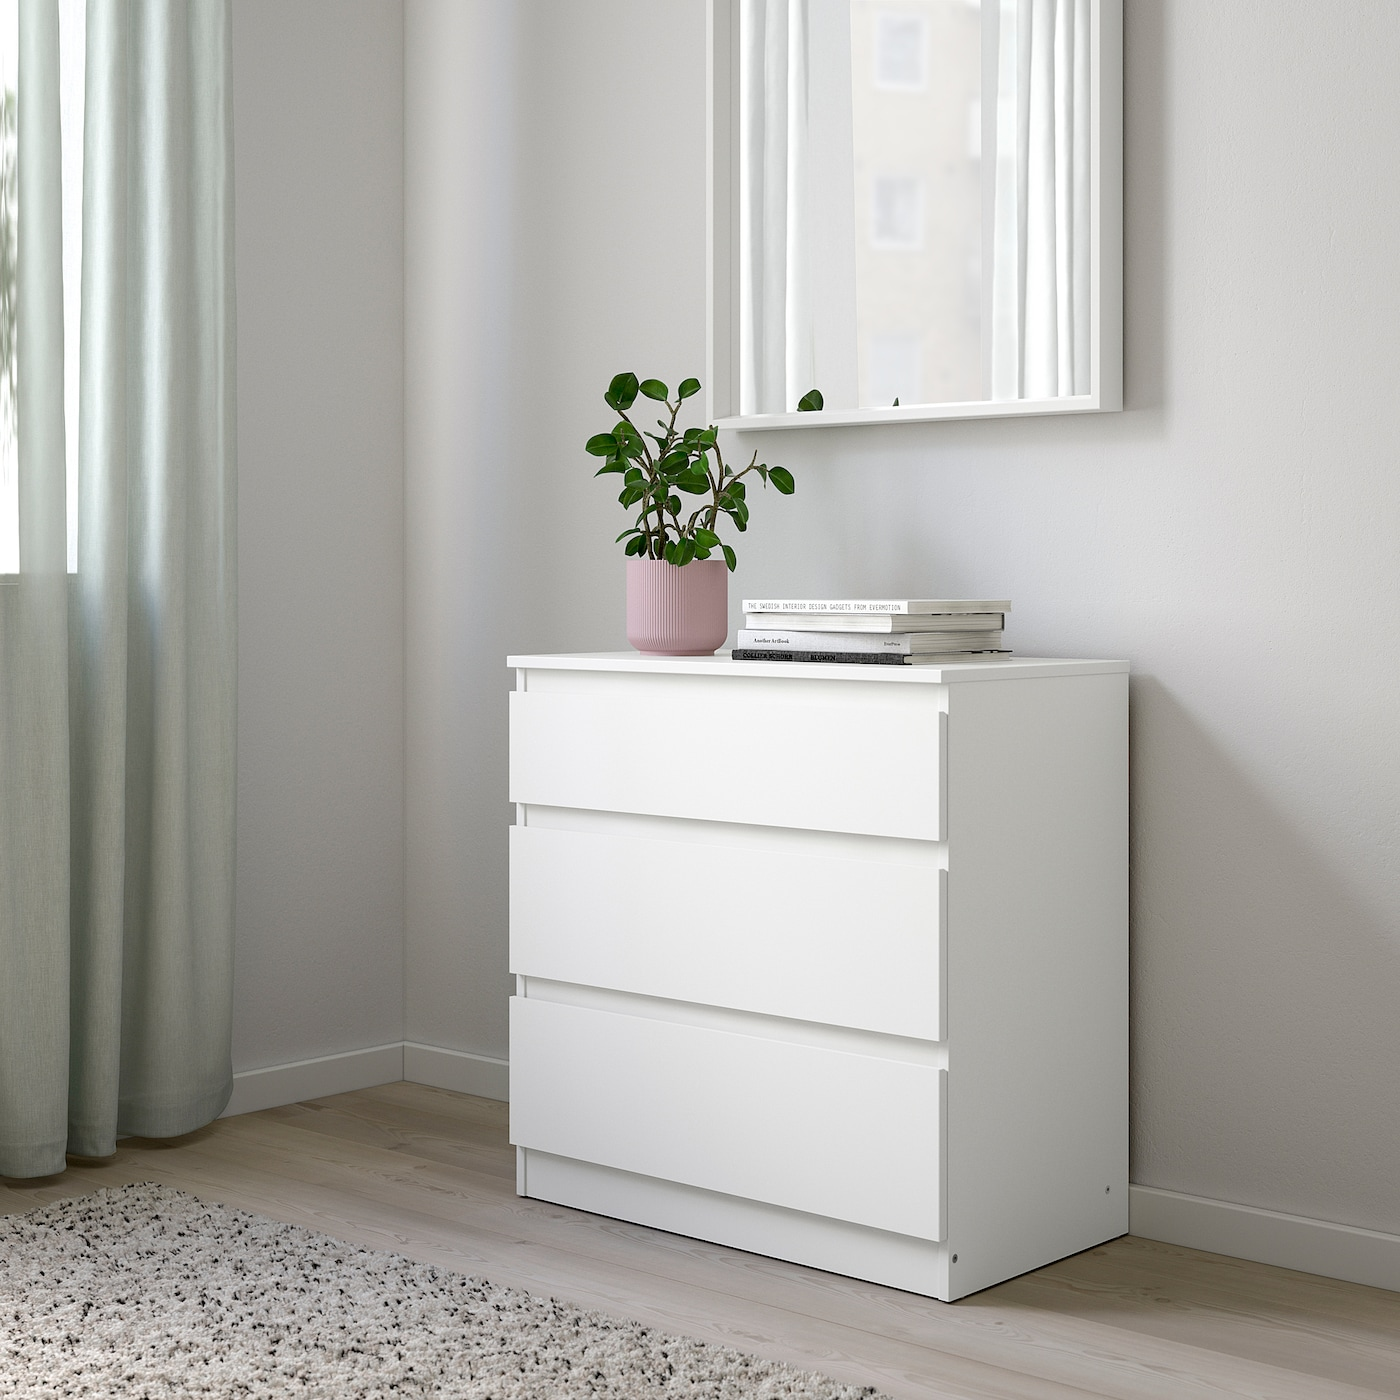 KULLEN Kommode mit 3 Schubladen, weiß, 70x72 cm